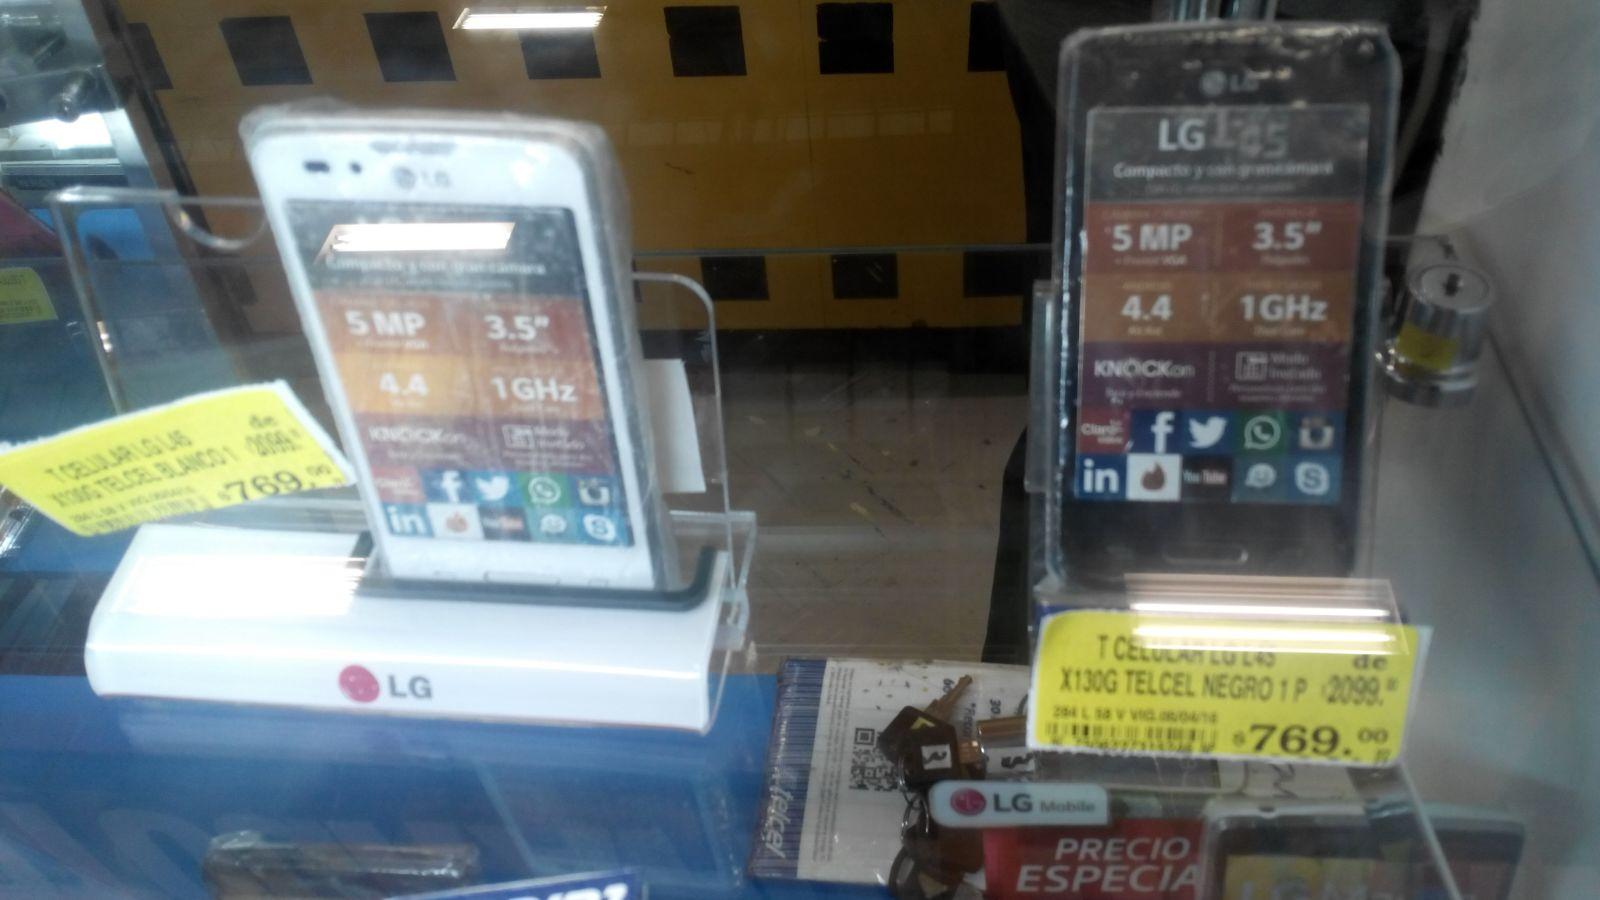 Soriana ejercito tampico: celular LG X130G a $799